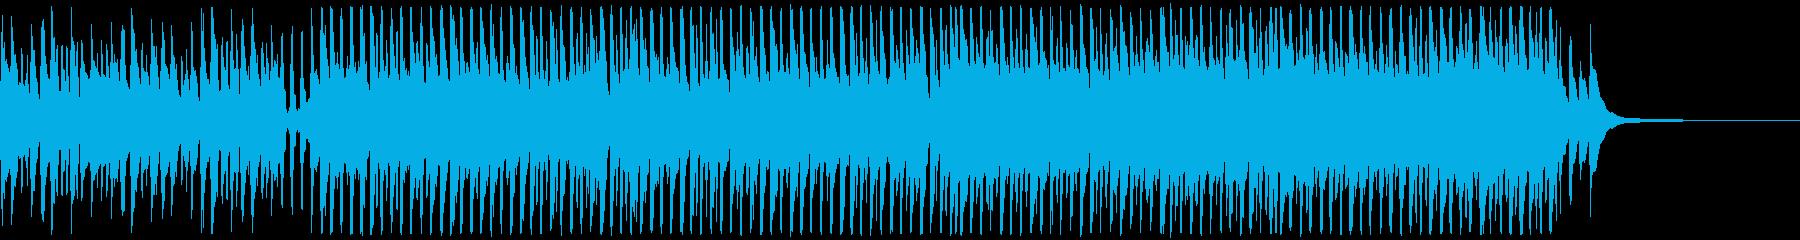 【1分版】アップテンポなコンセプトムービの再生済みの波形